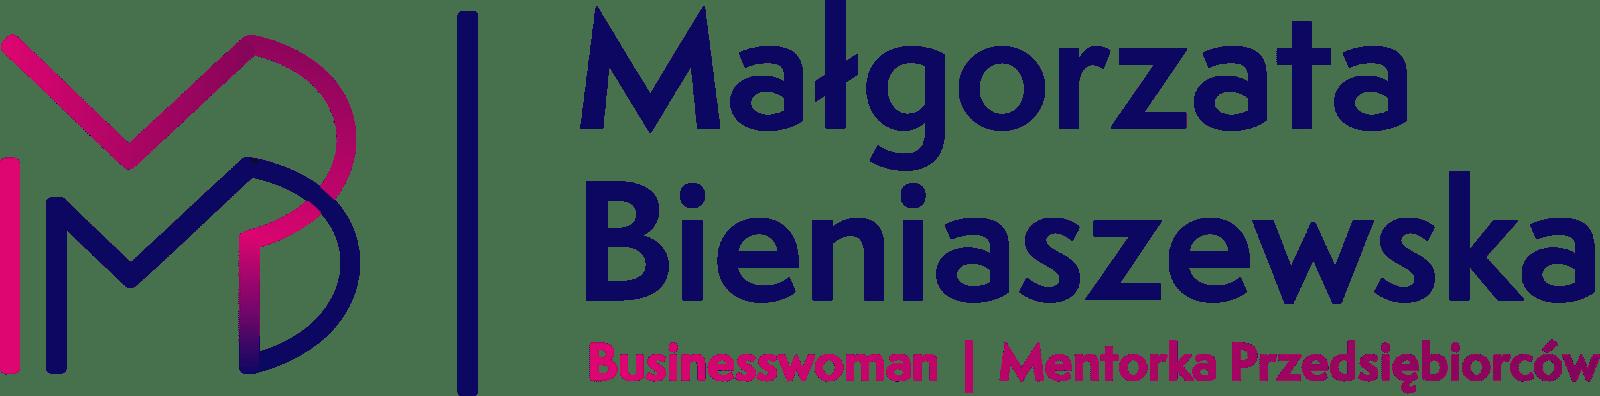 Małgorzata Bieniaszewska | BusinessWoman | Mentorka Przedsiębiorców